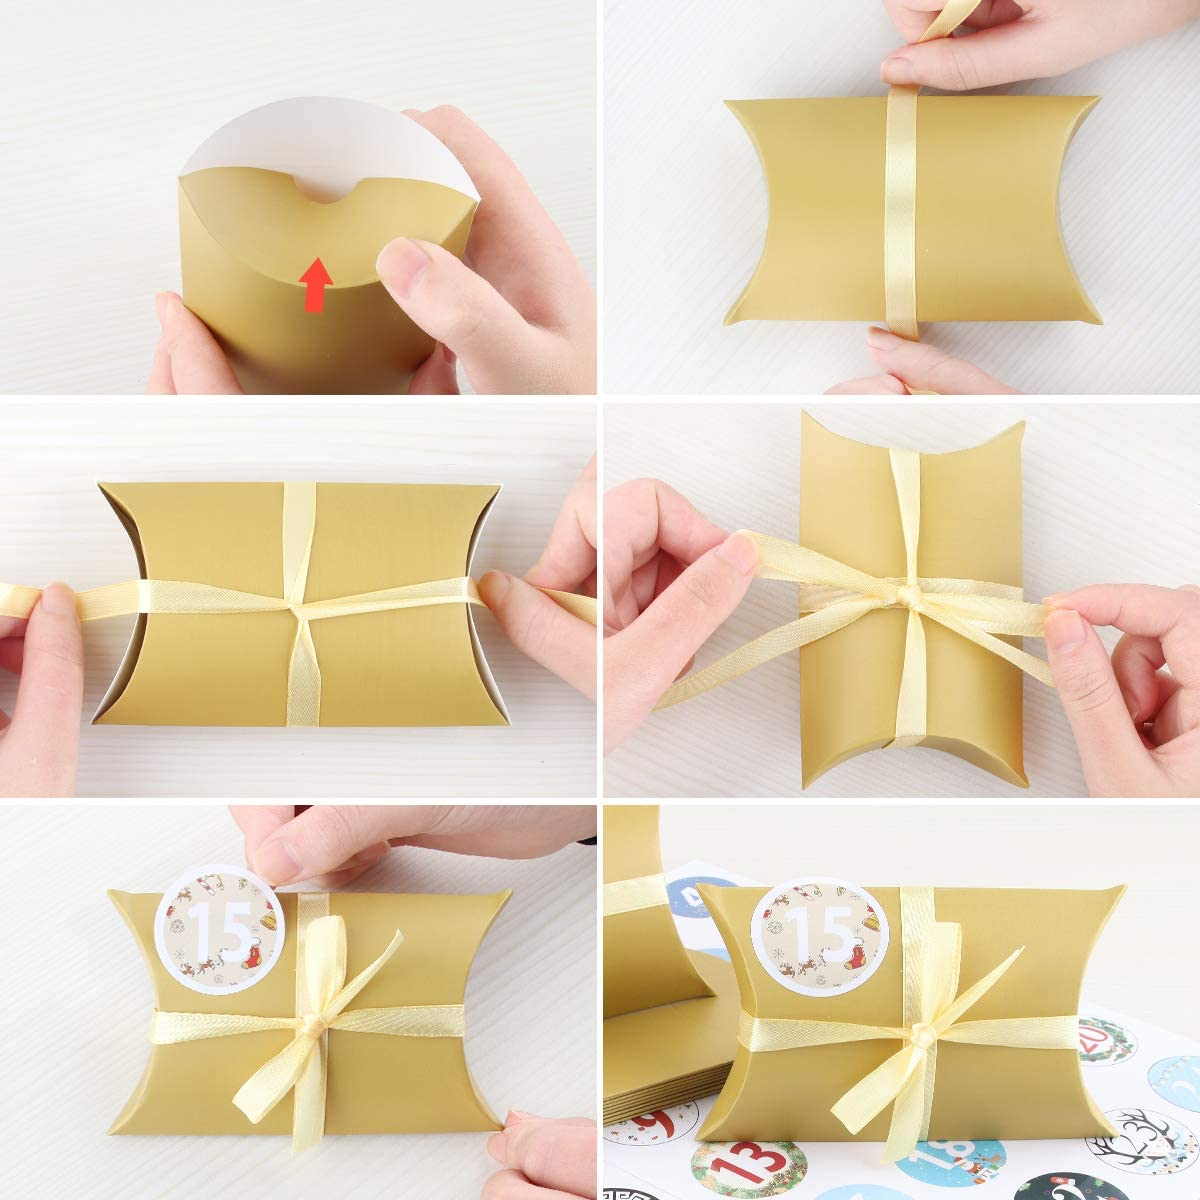 Inklusive Goldgurt 22m Adventskalender zum Bef/üllen Advent Kalender Handwerk Geschenkbox Weihnachtsbox 13x8,8cm 24 T/üten Adventskalender Hochwertiges Kraftpapier Blau Digitale Aufkleber